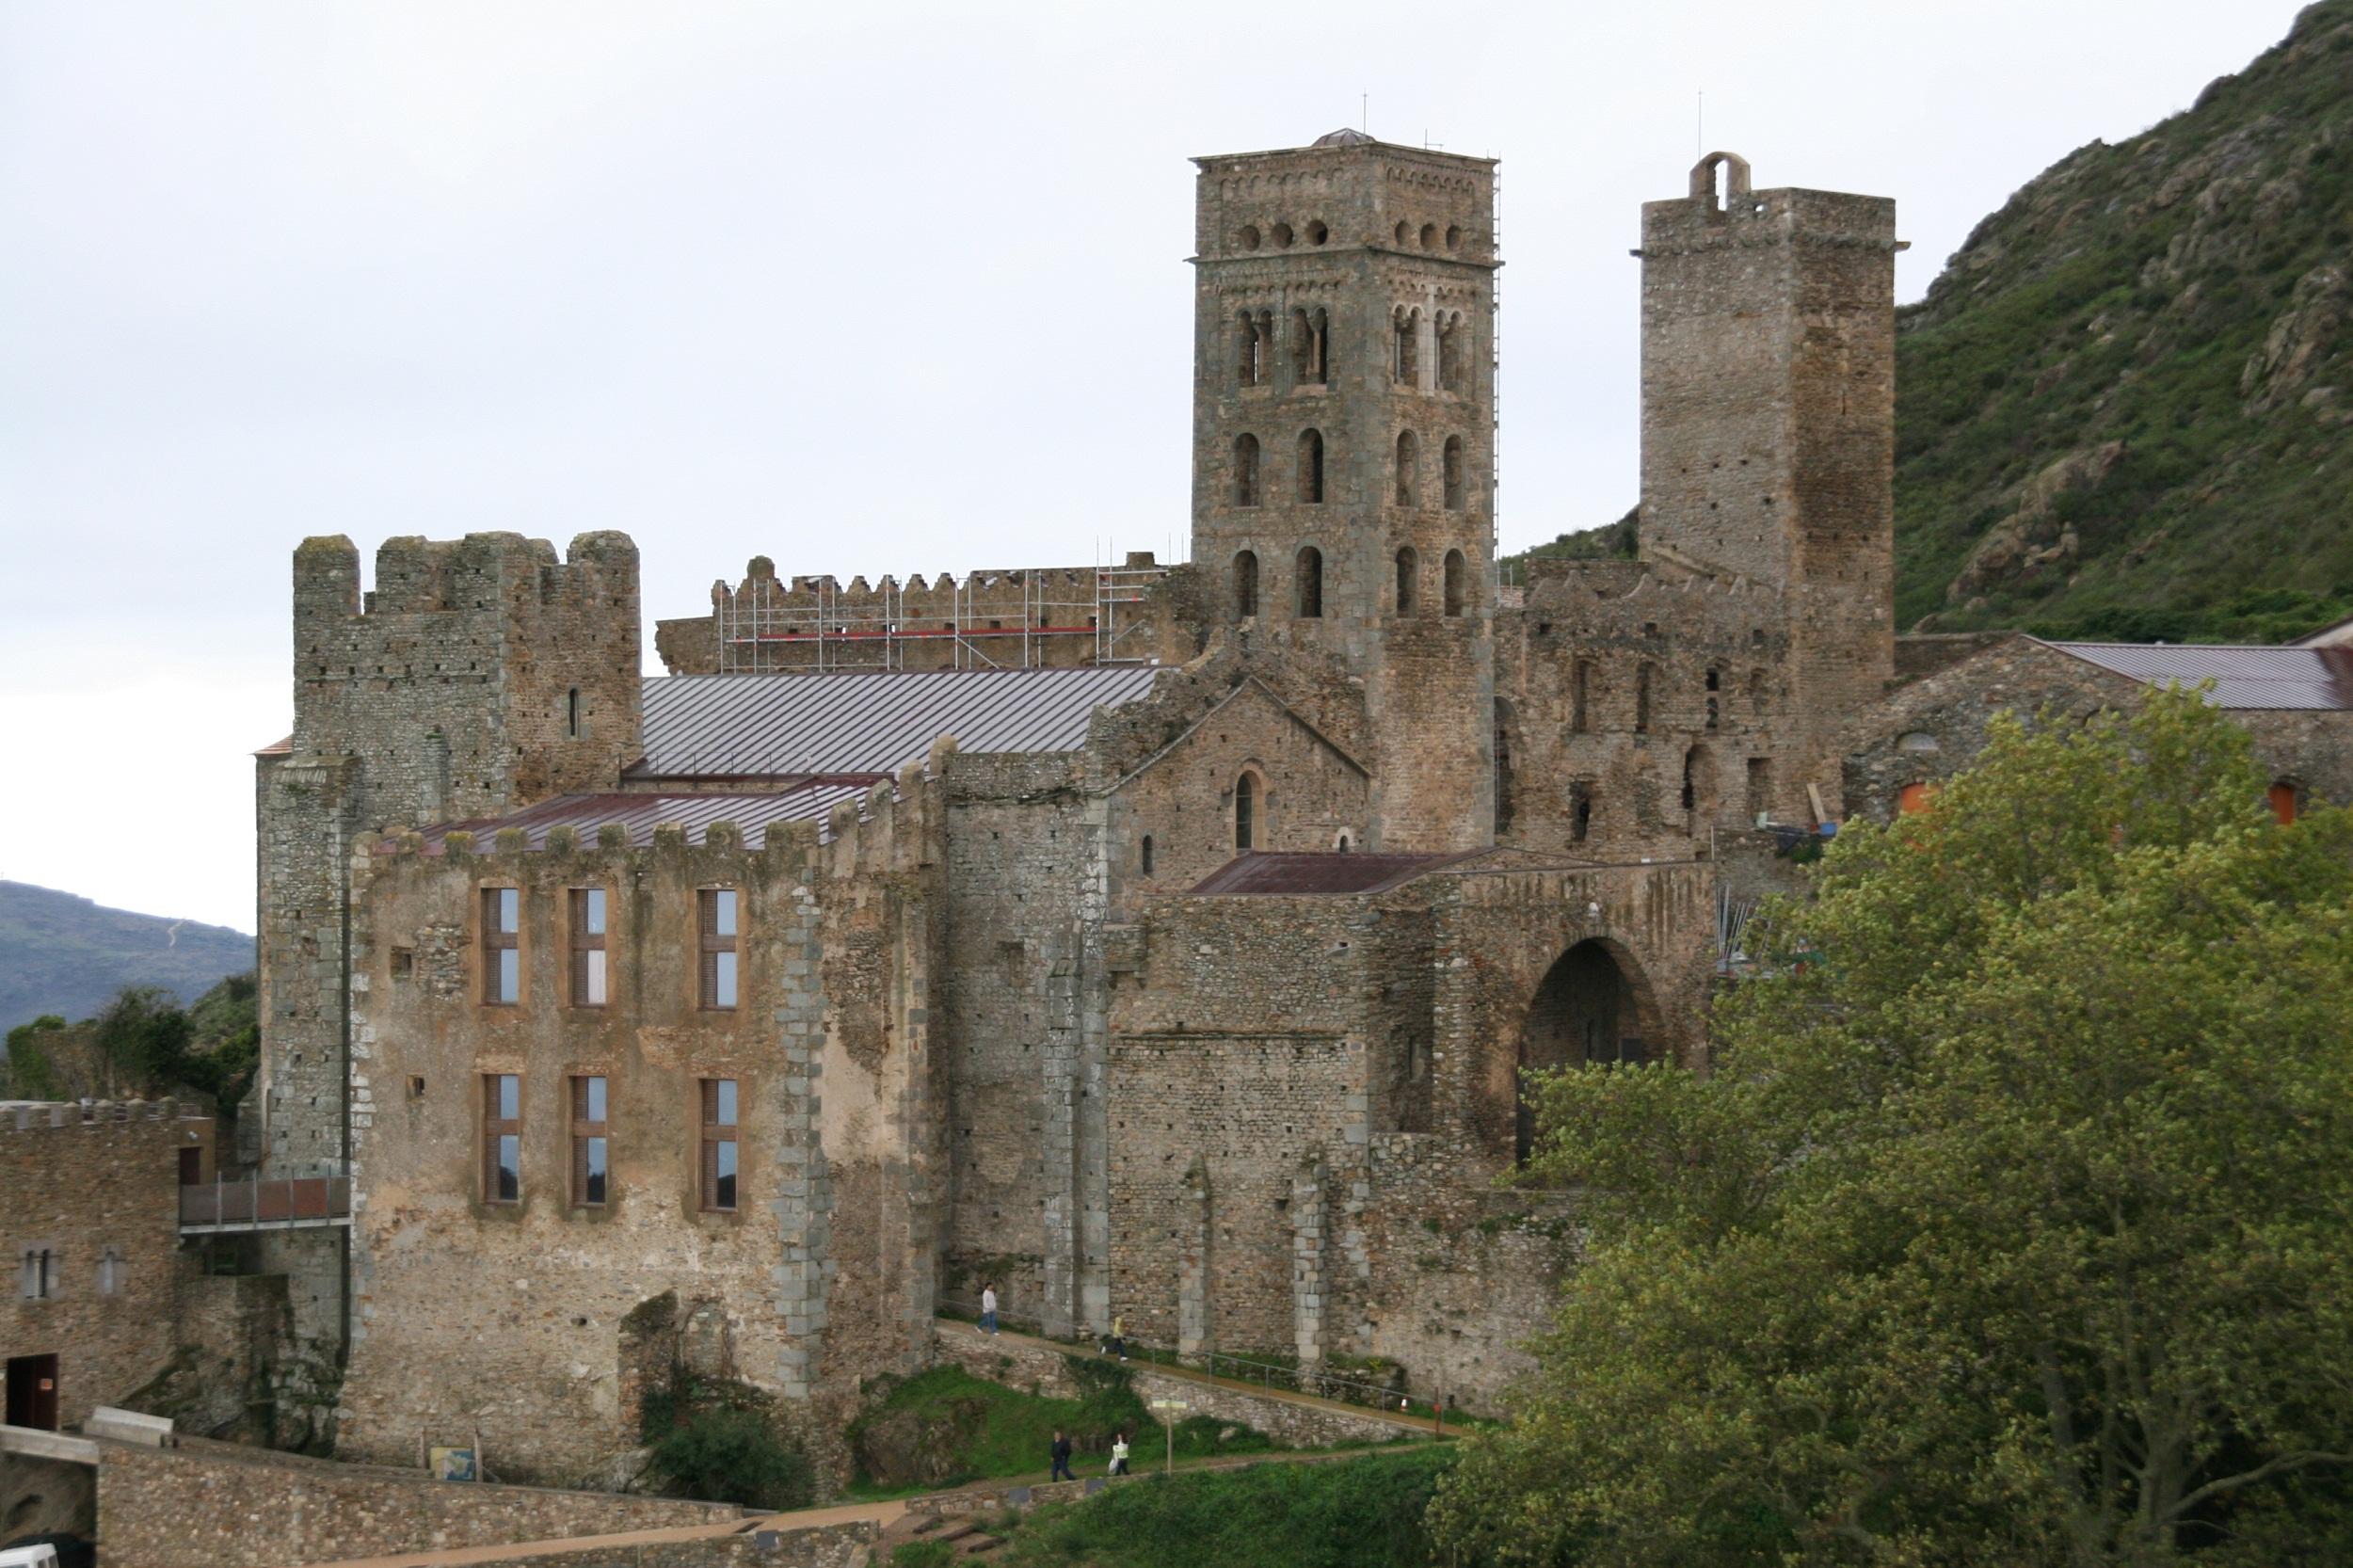 Монастырь Сант-Пере-де-Родас